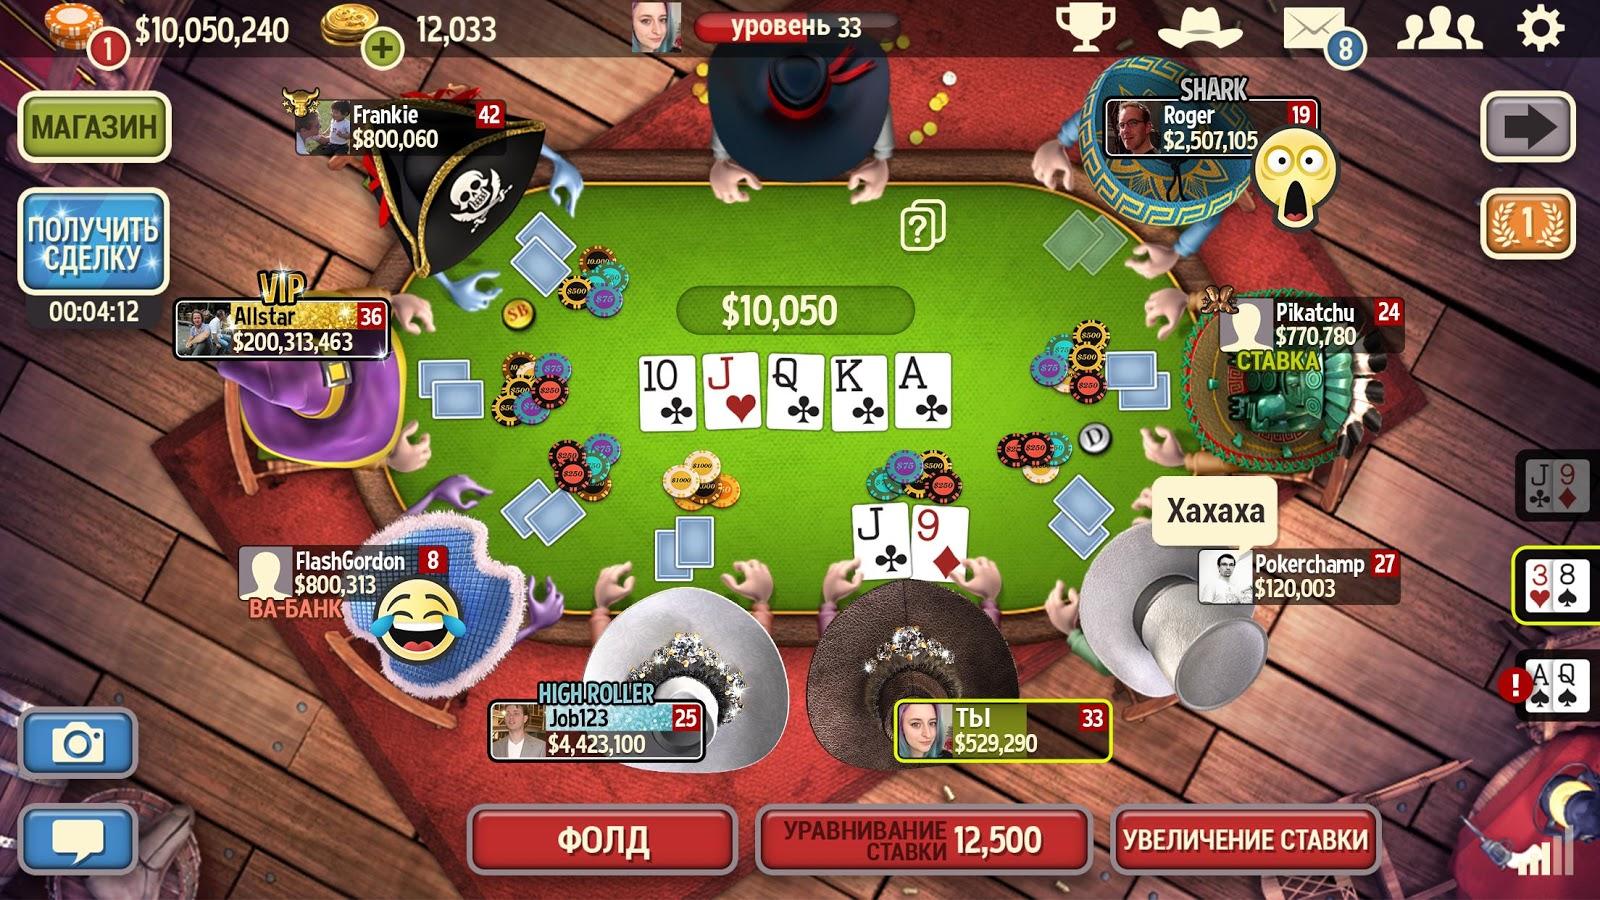 Скачать покер на андроид бесплатно и на русском.